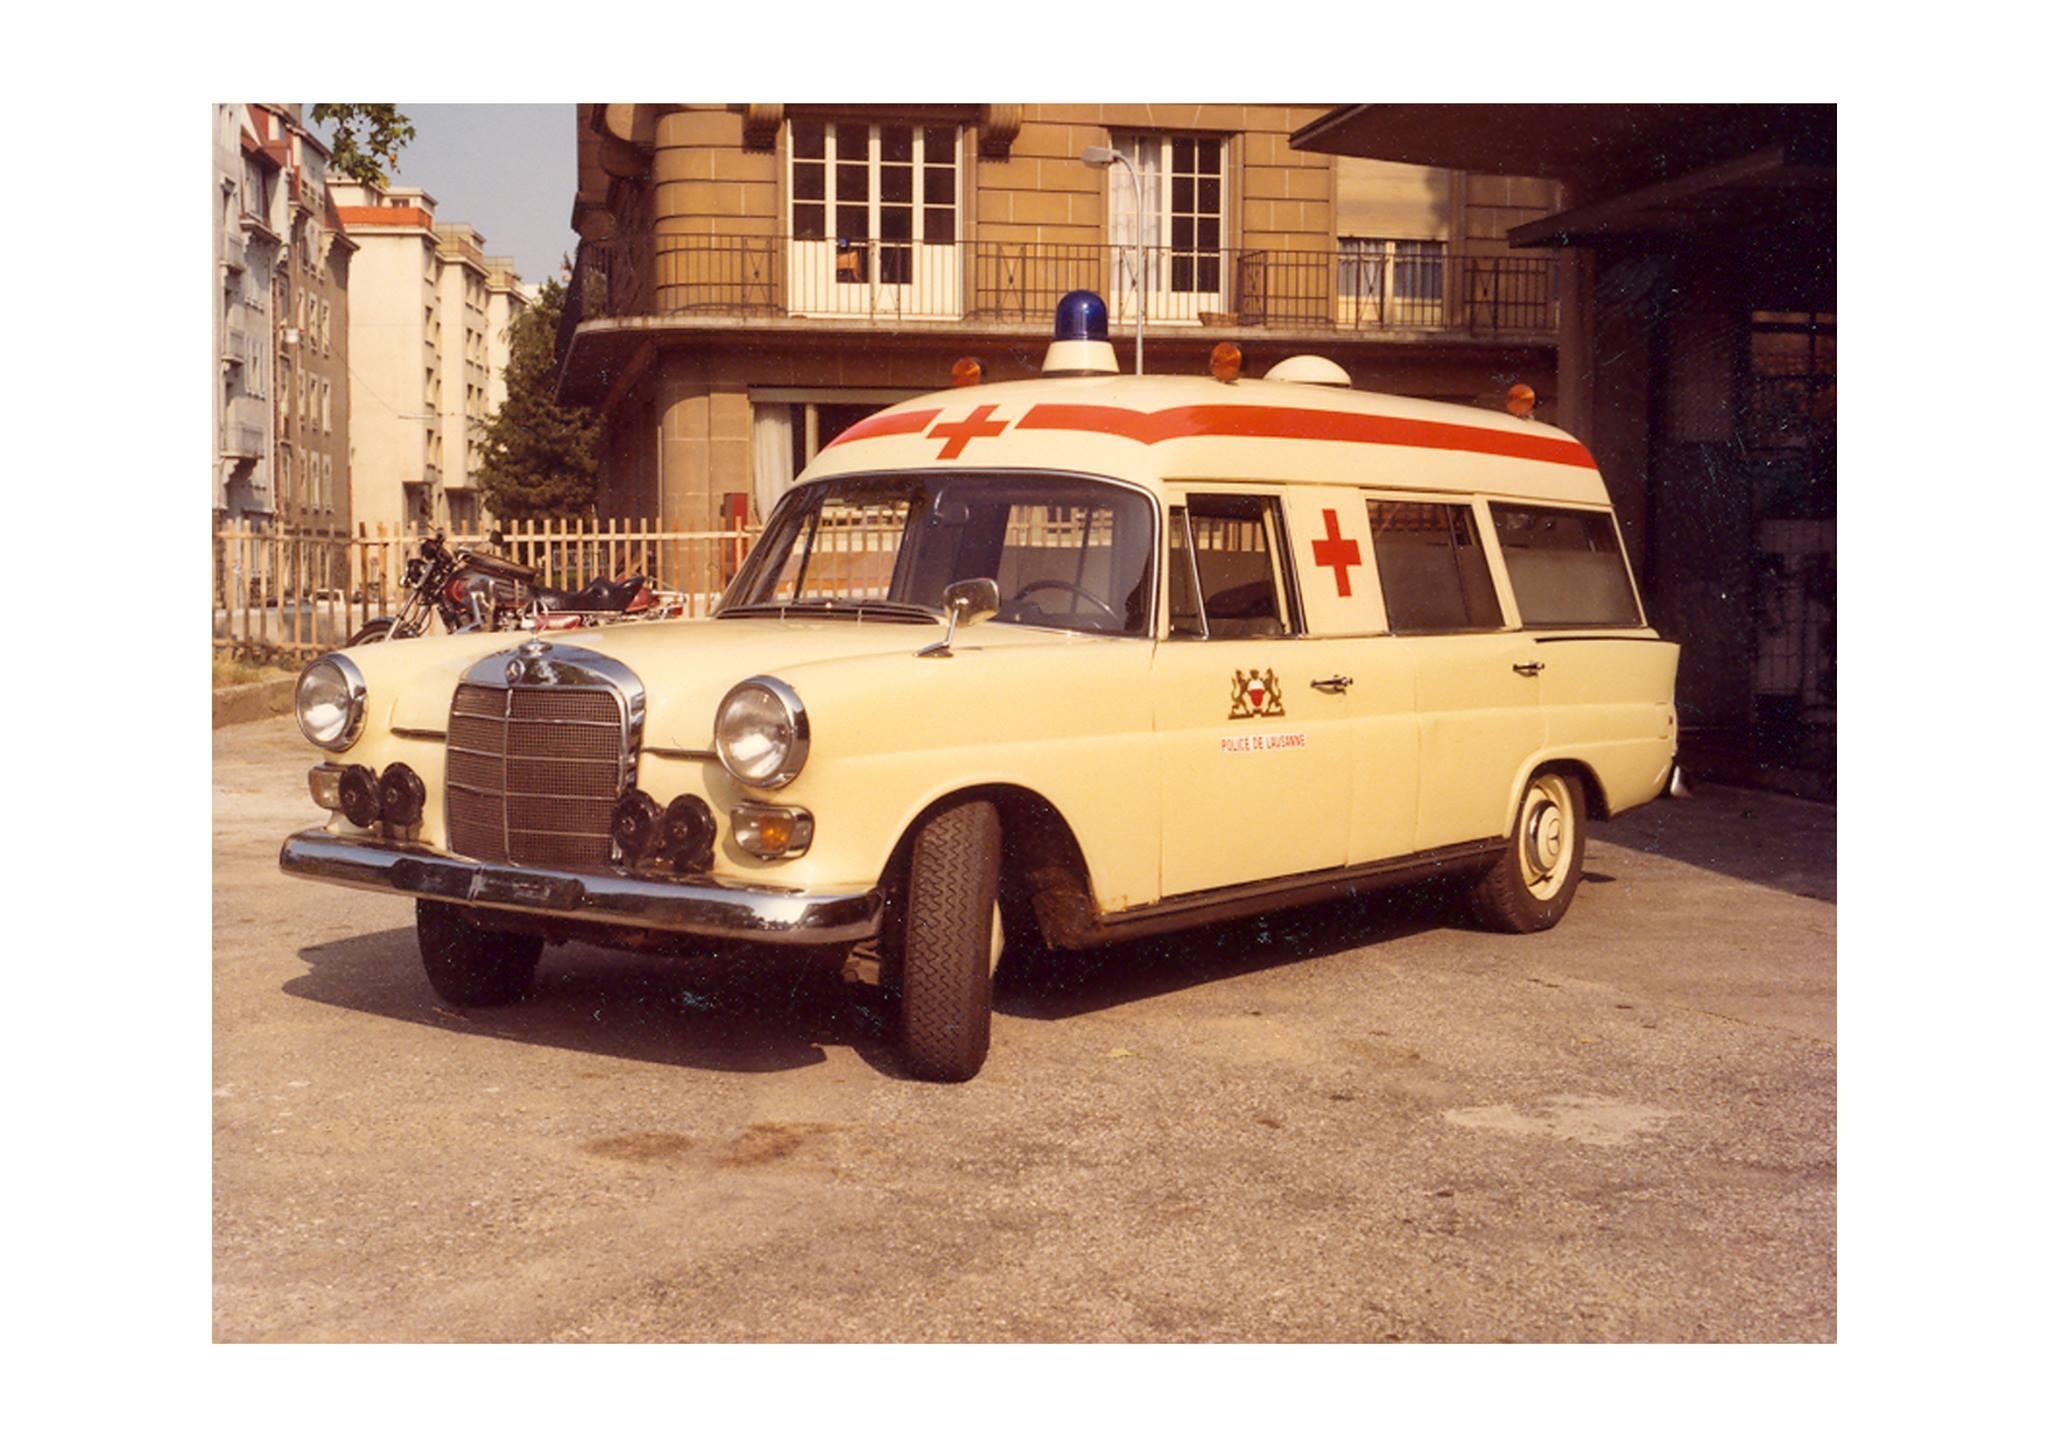 Police, ambulance, pompiers et autres services officiels ou d'urgence